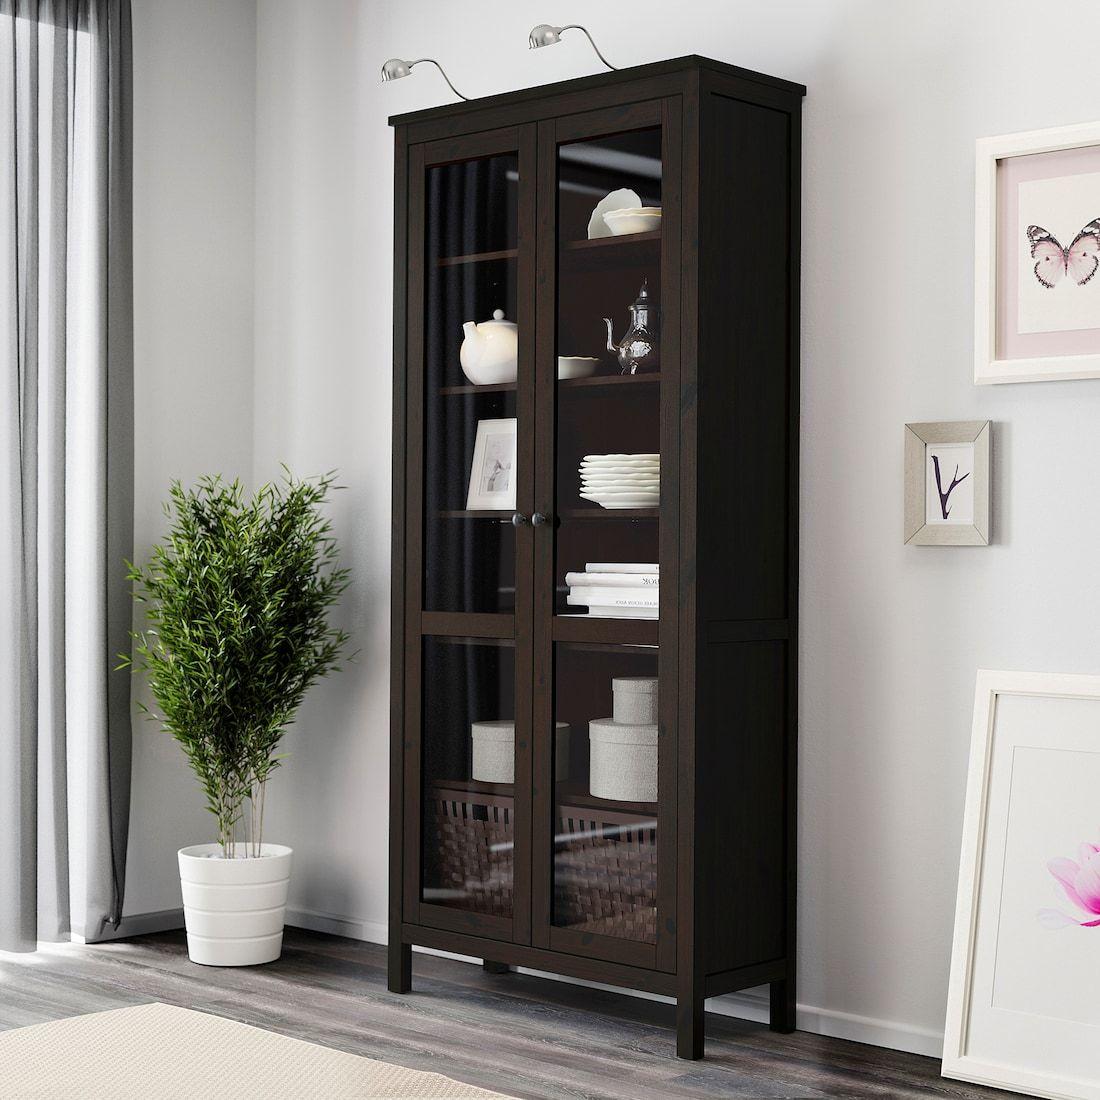 Hemnes Glass Door Cabinet Black Brown 35 3 8x77 1 2 Ikea Glass Cabinet Doors Hemnes Ikea Hemnes [ 1100 x 1100 Pixel ]